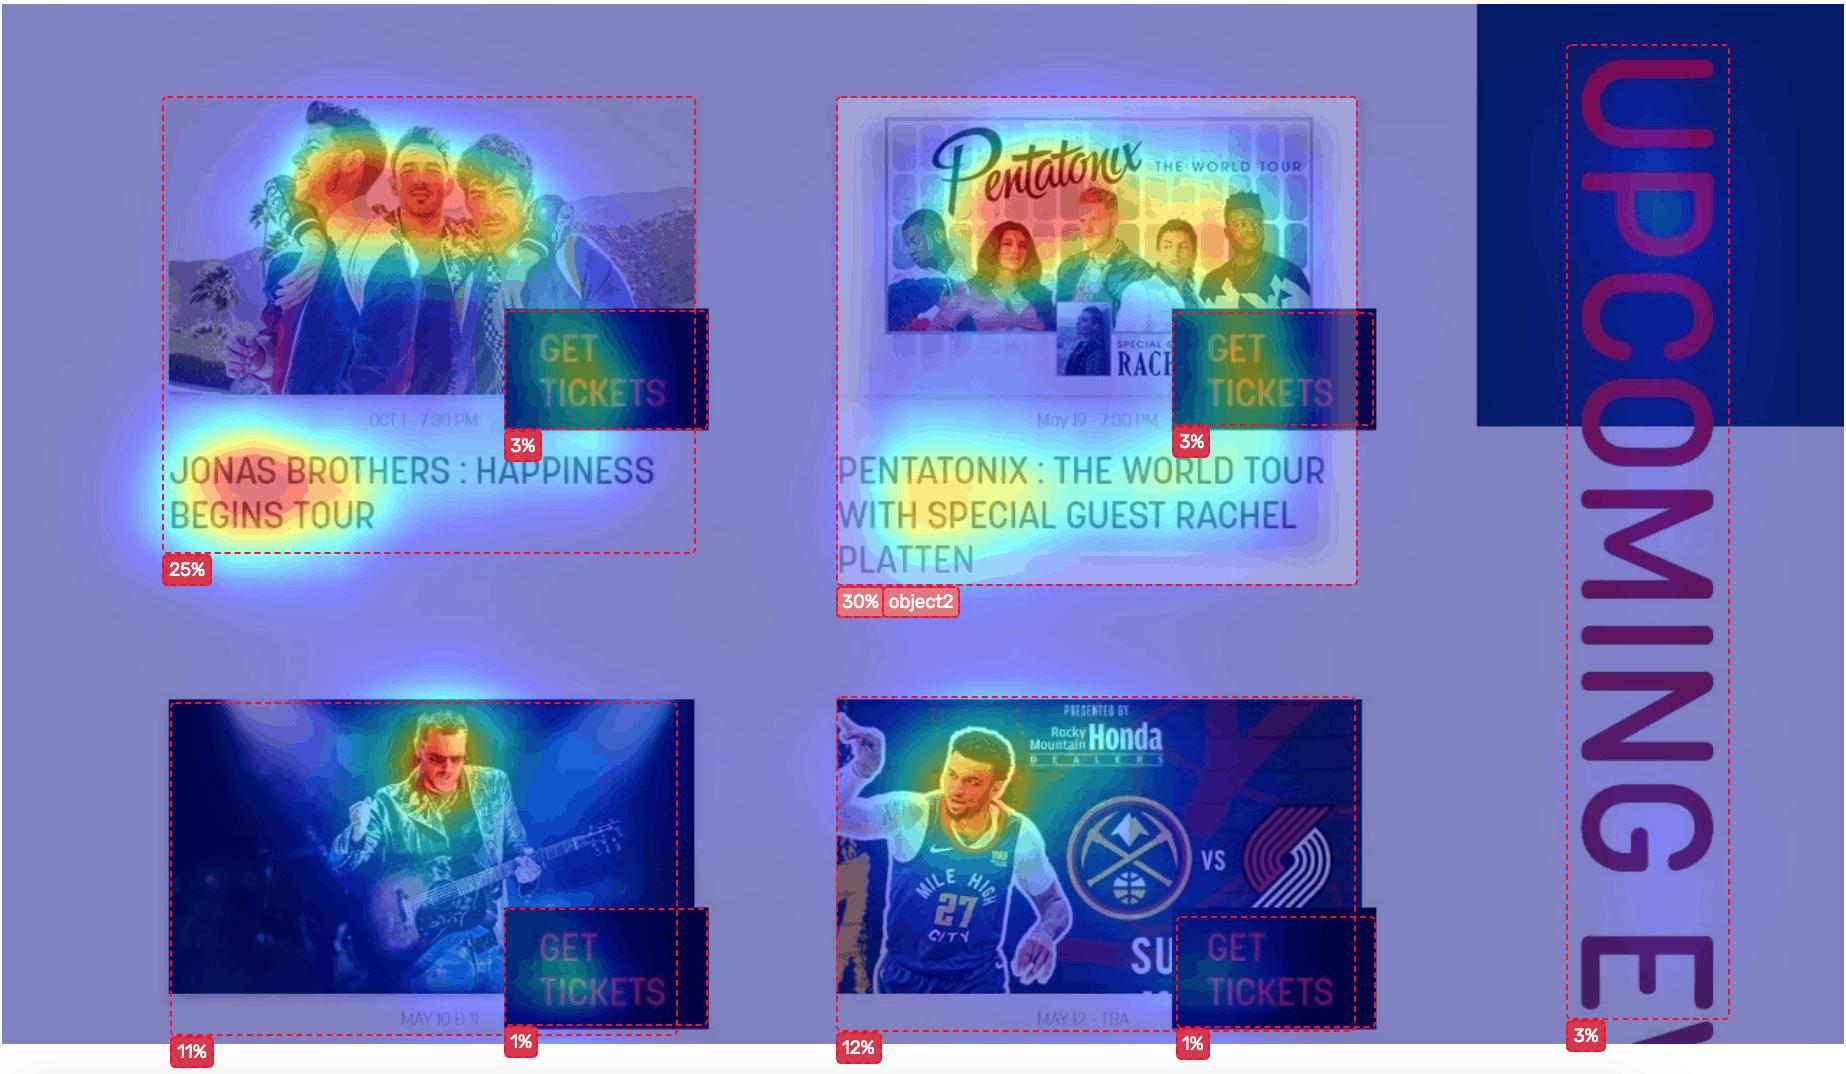 Brian_Whiting_heatmap-5